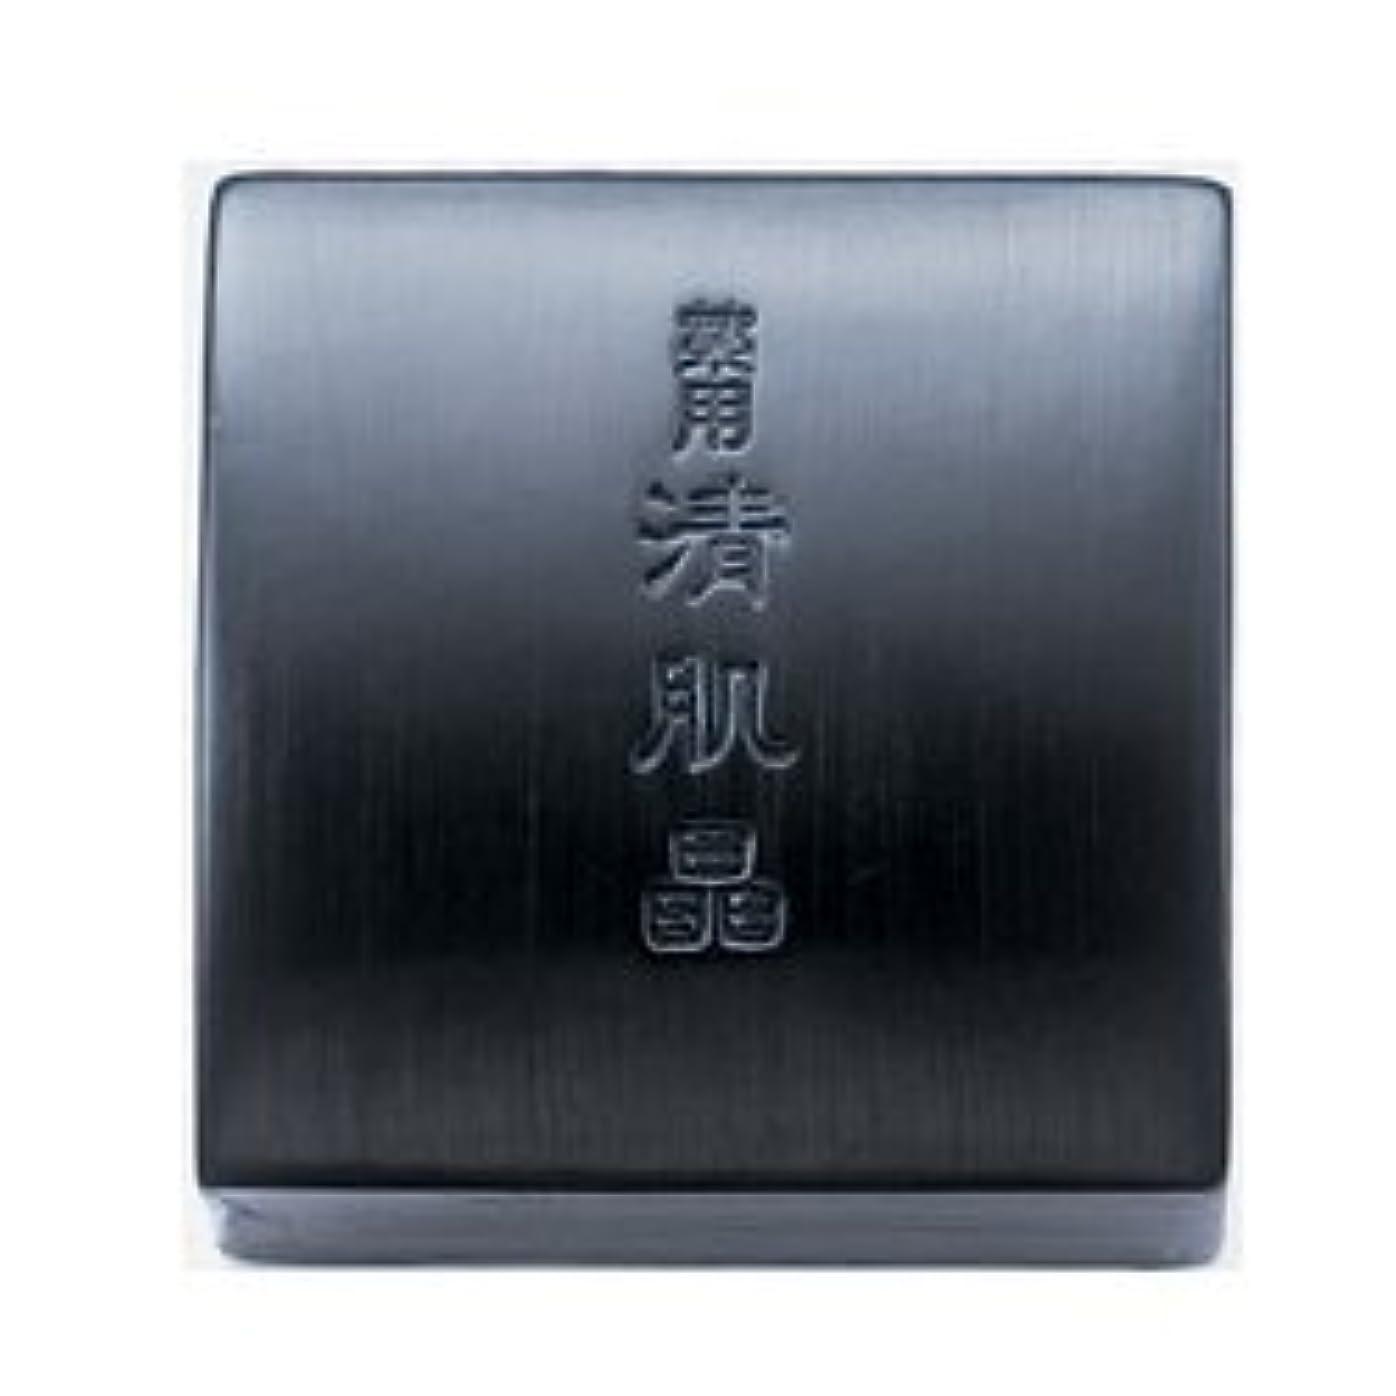 クロス工業用イソギンチャクコーセー薬用 清肌晶120g(ケース付き)